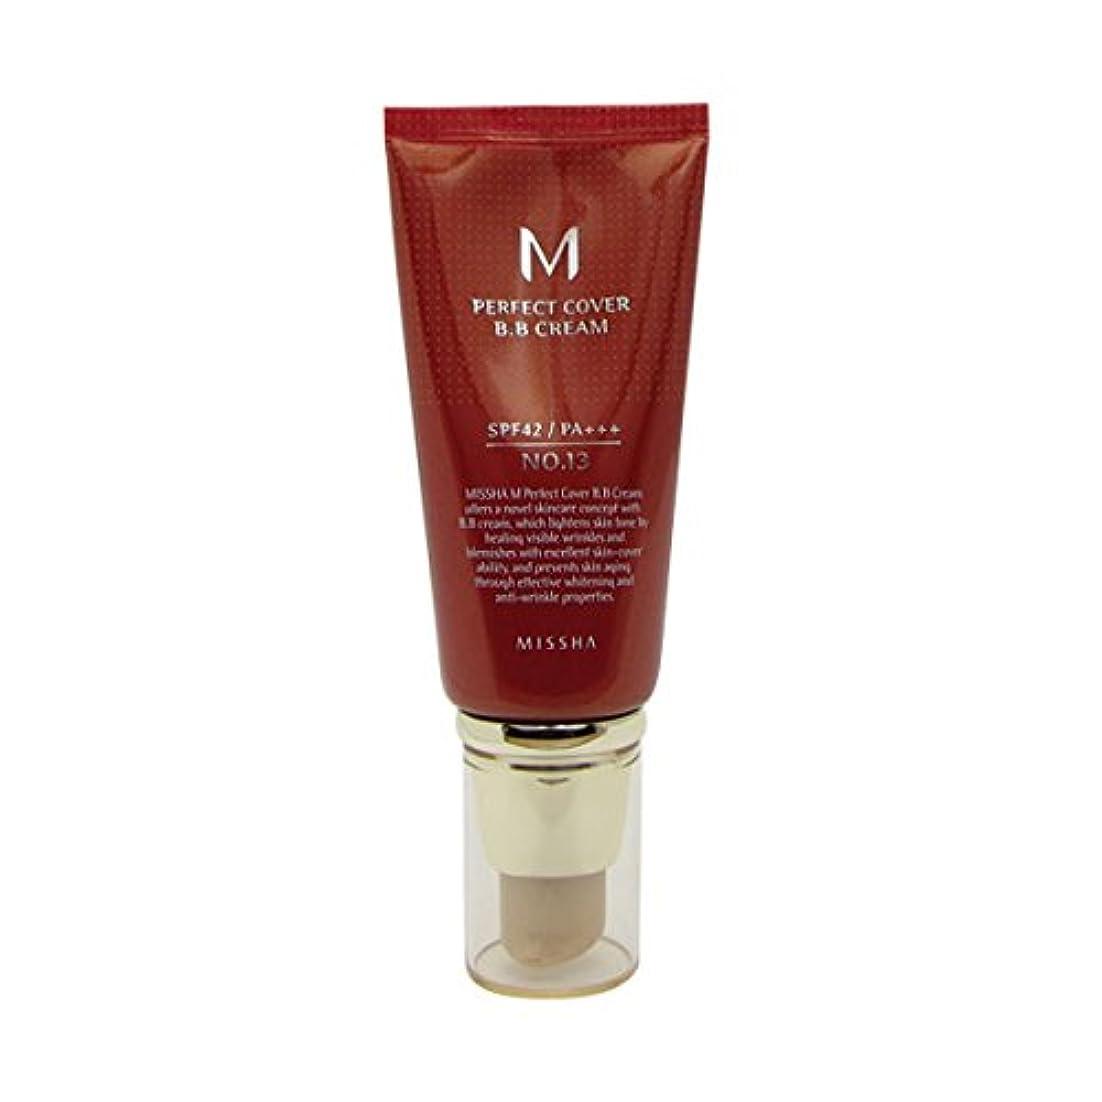 メディア性別出くわすMissha M Perfect Cover Bb Cream Spf42/pa+++ No.13 Bright Beige 50ml [並行輸入品]